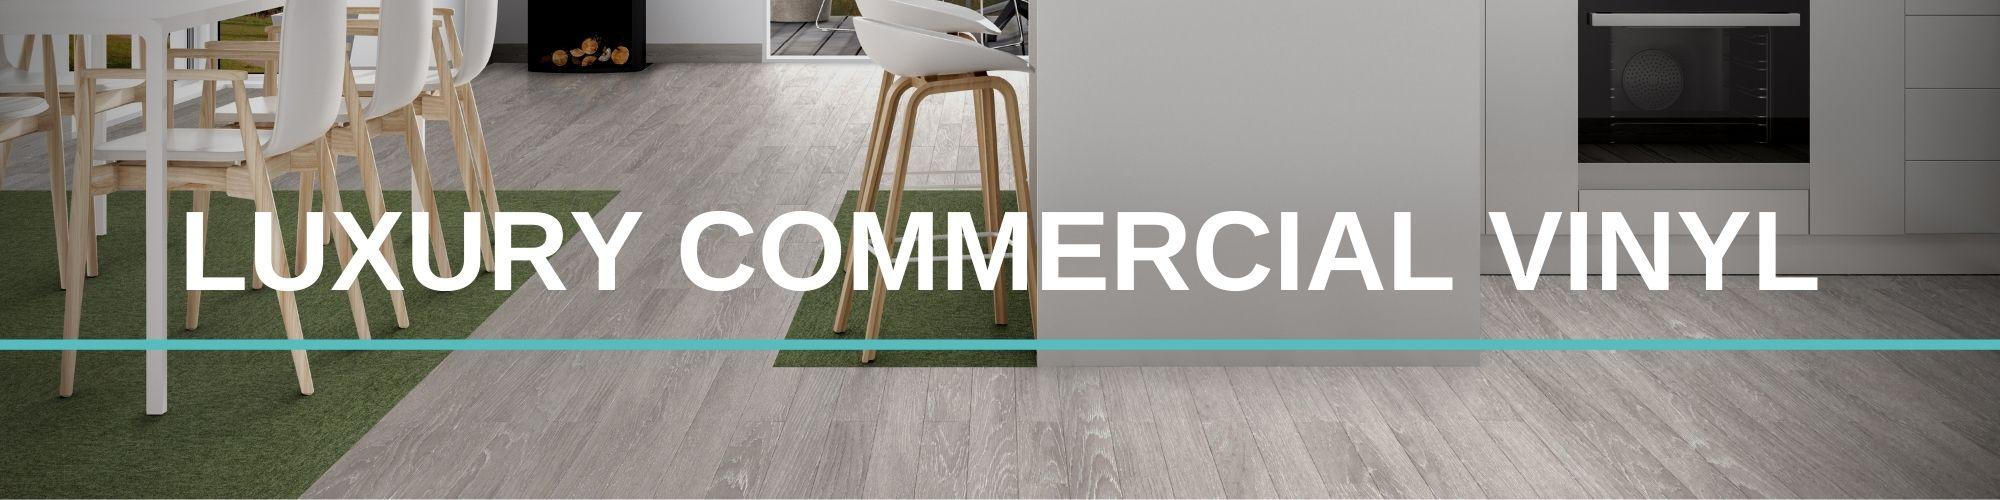 LUXURY COMMERCIAL VINYL | Paragon Carpet Tiles | Commercial Carpet Tiles